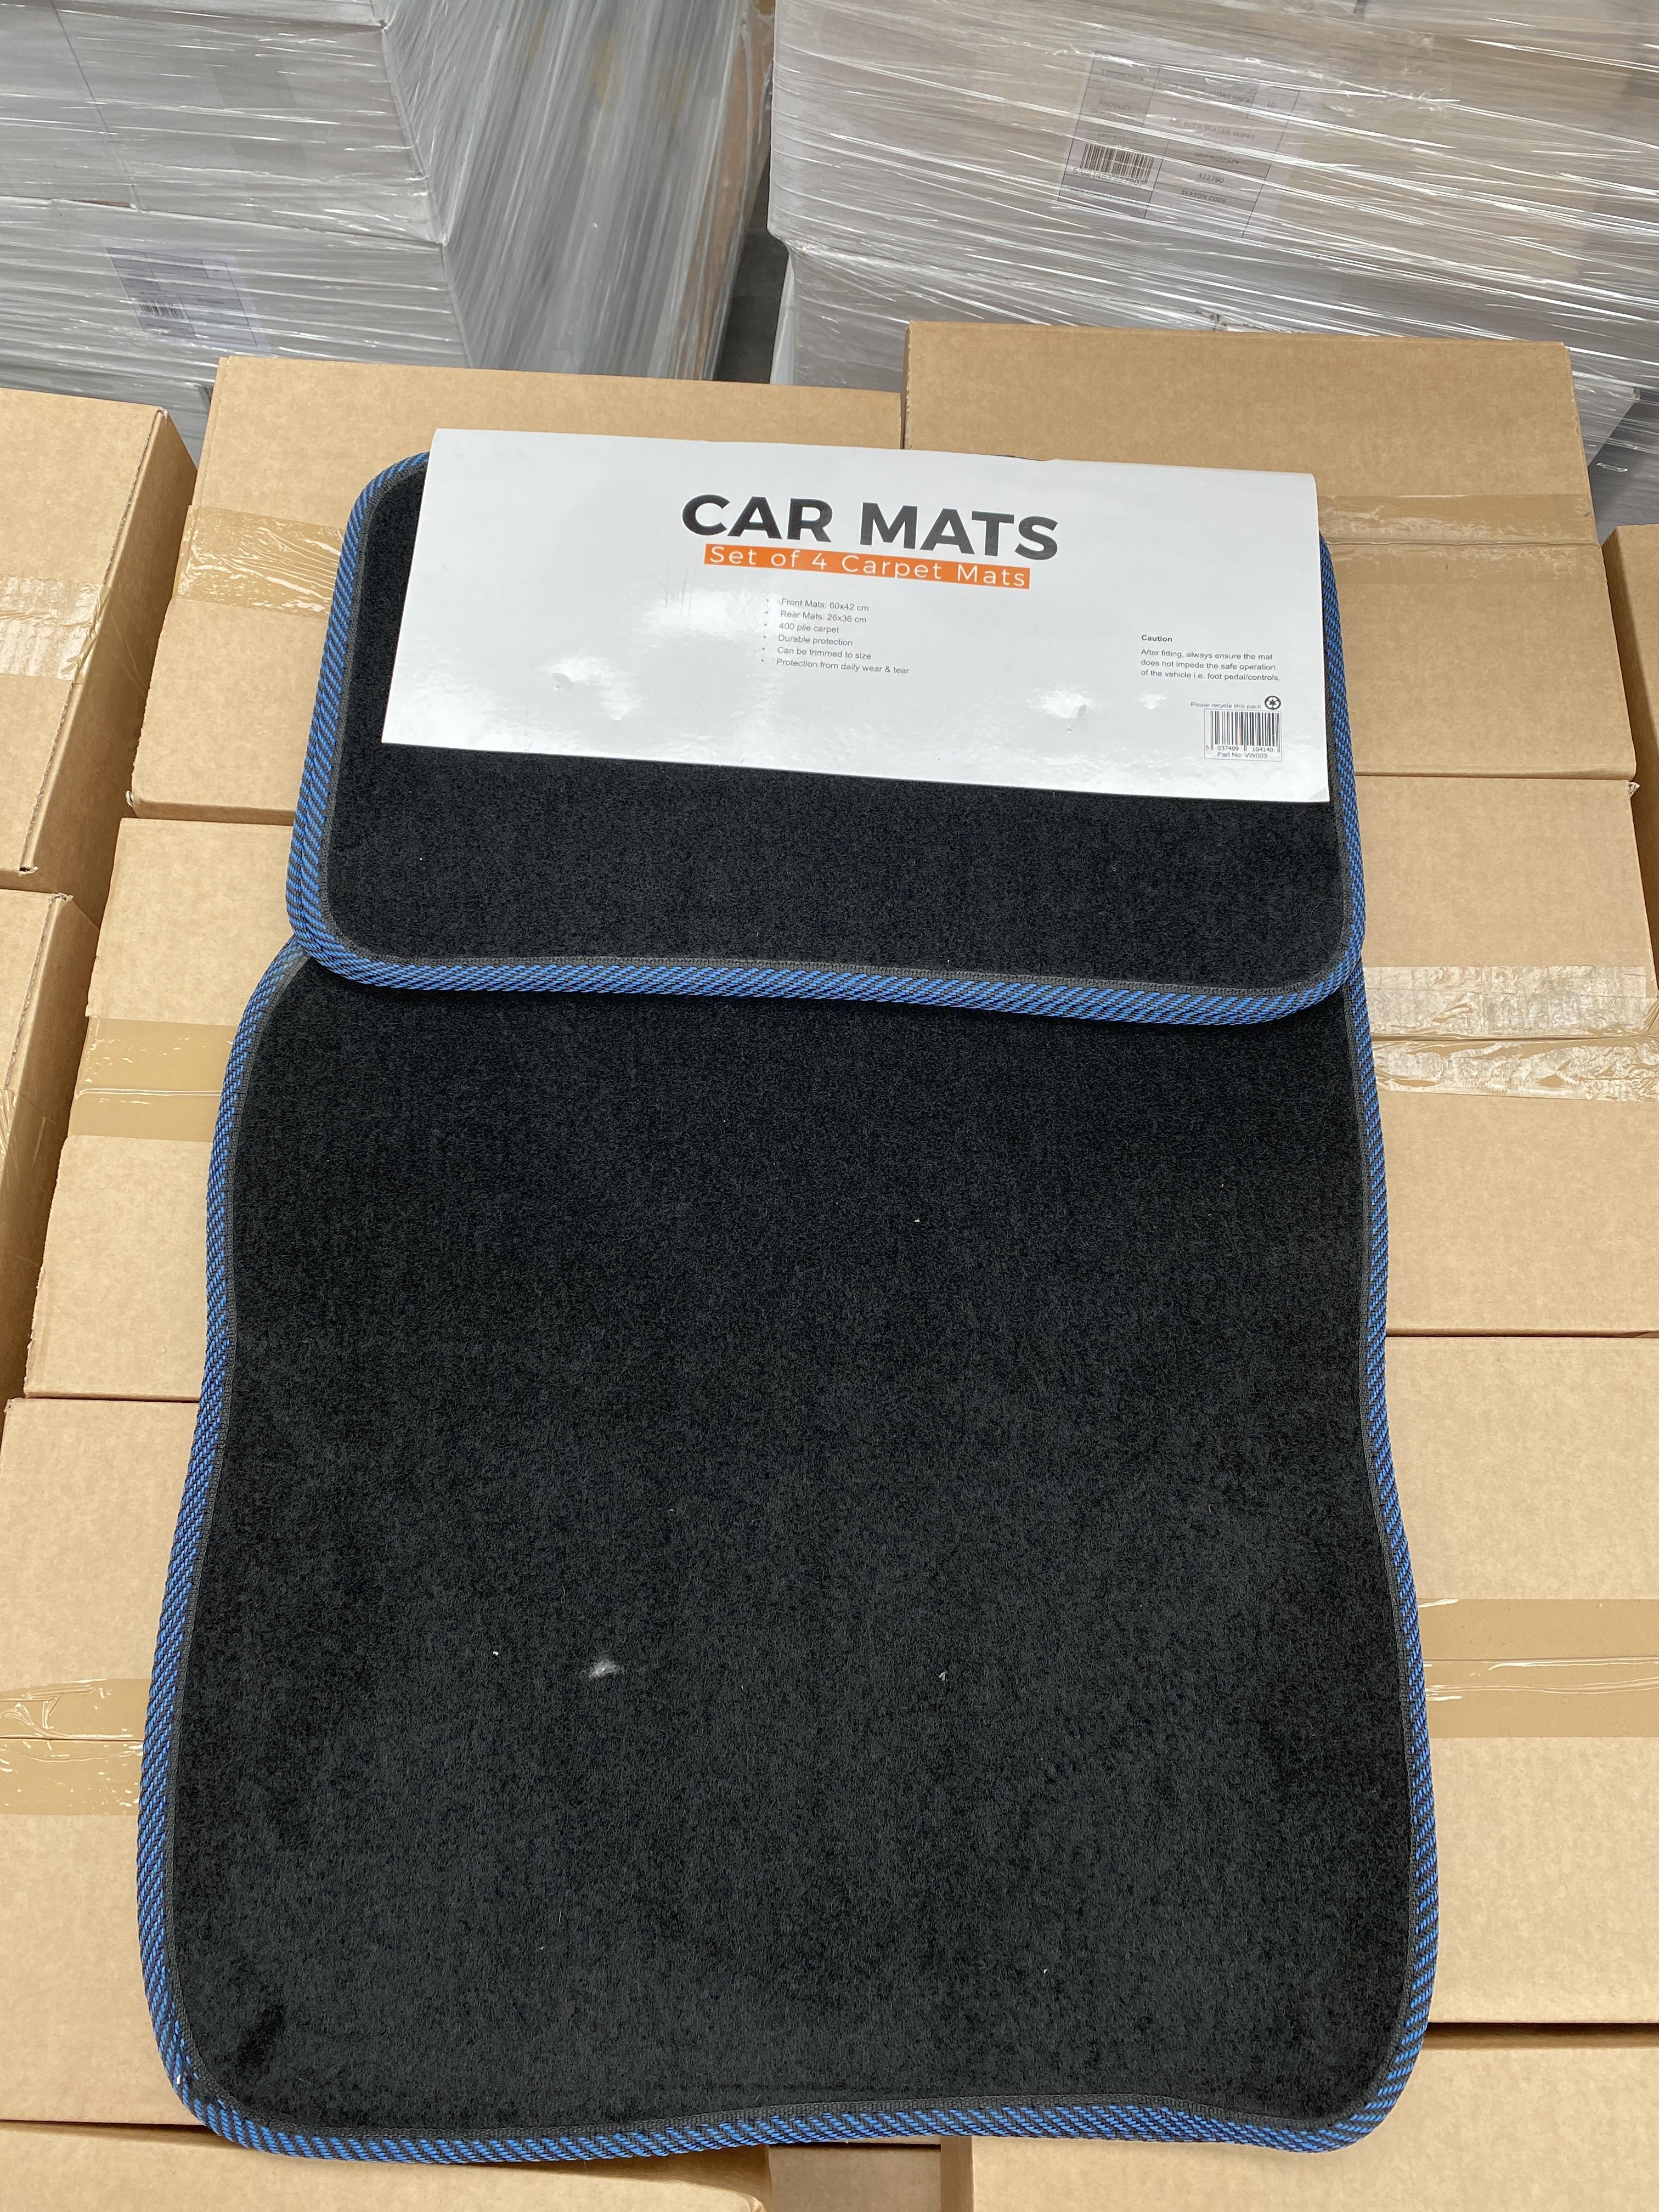 30 x HALFORDS set of 4 car carpet mats. Full RRP £300 plus - Image 2 of 2